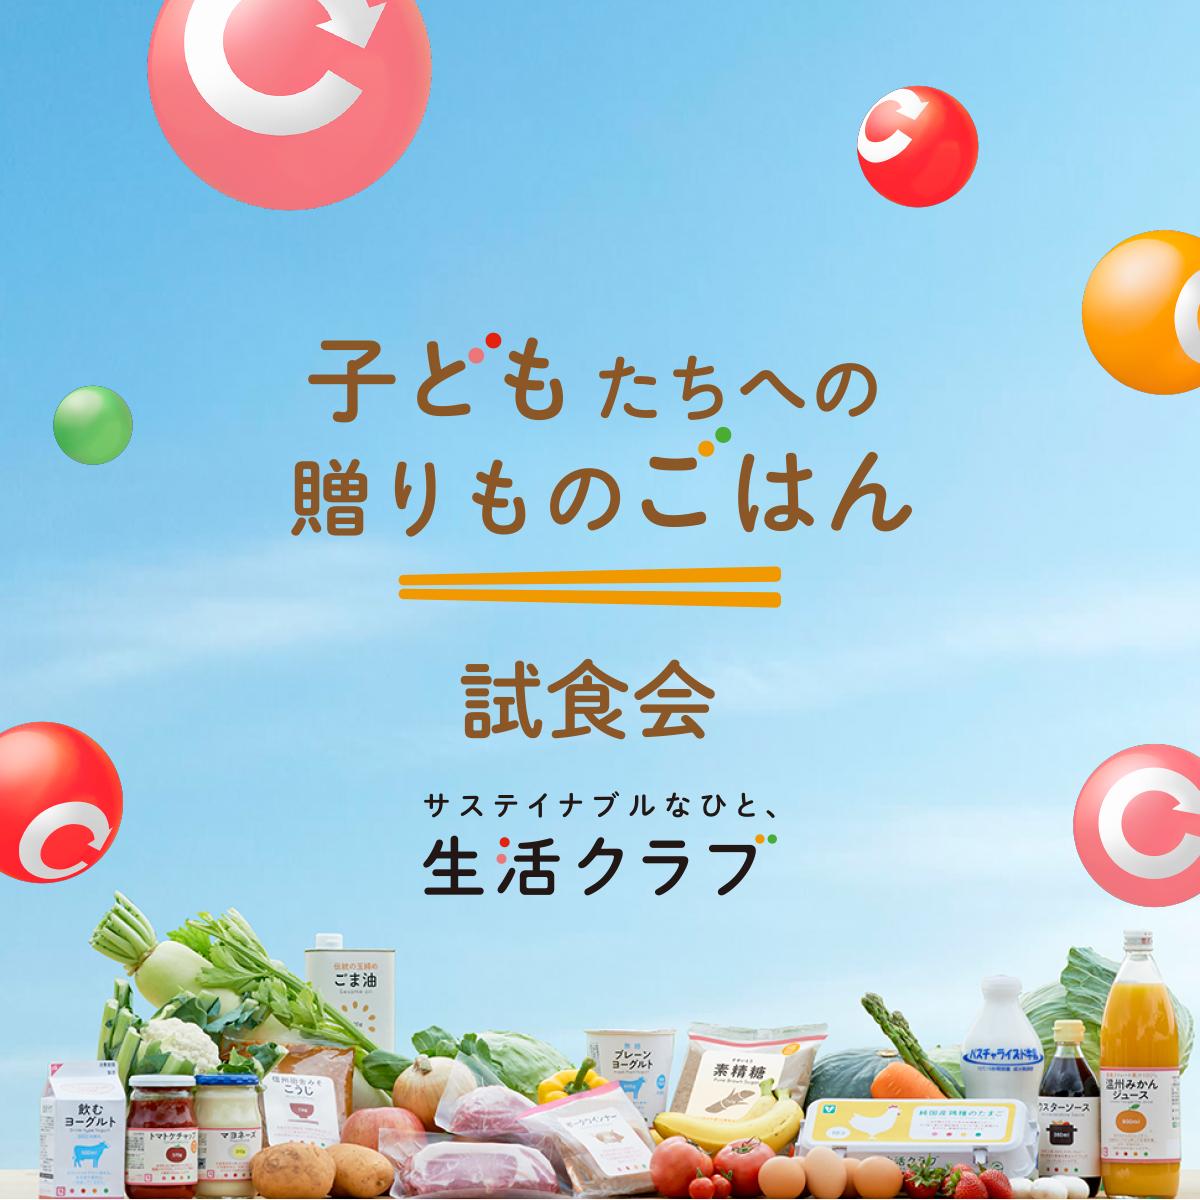 2/15(水)開催 生活クラブ「子どもたちへの贈りものごはん試食会」参加者募集!